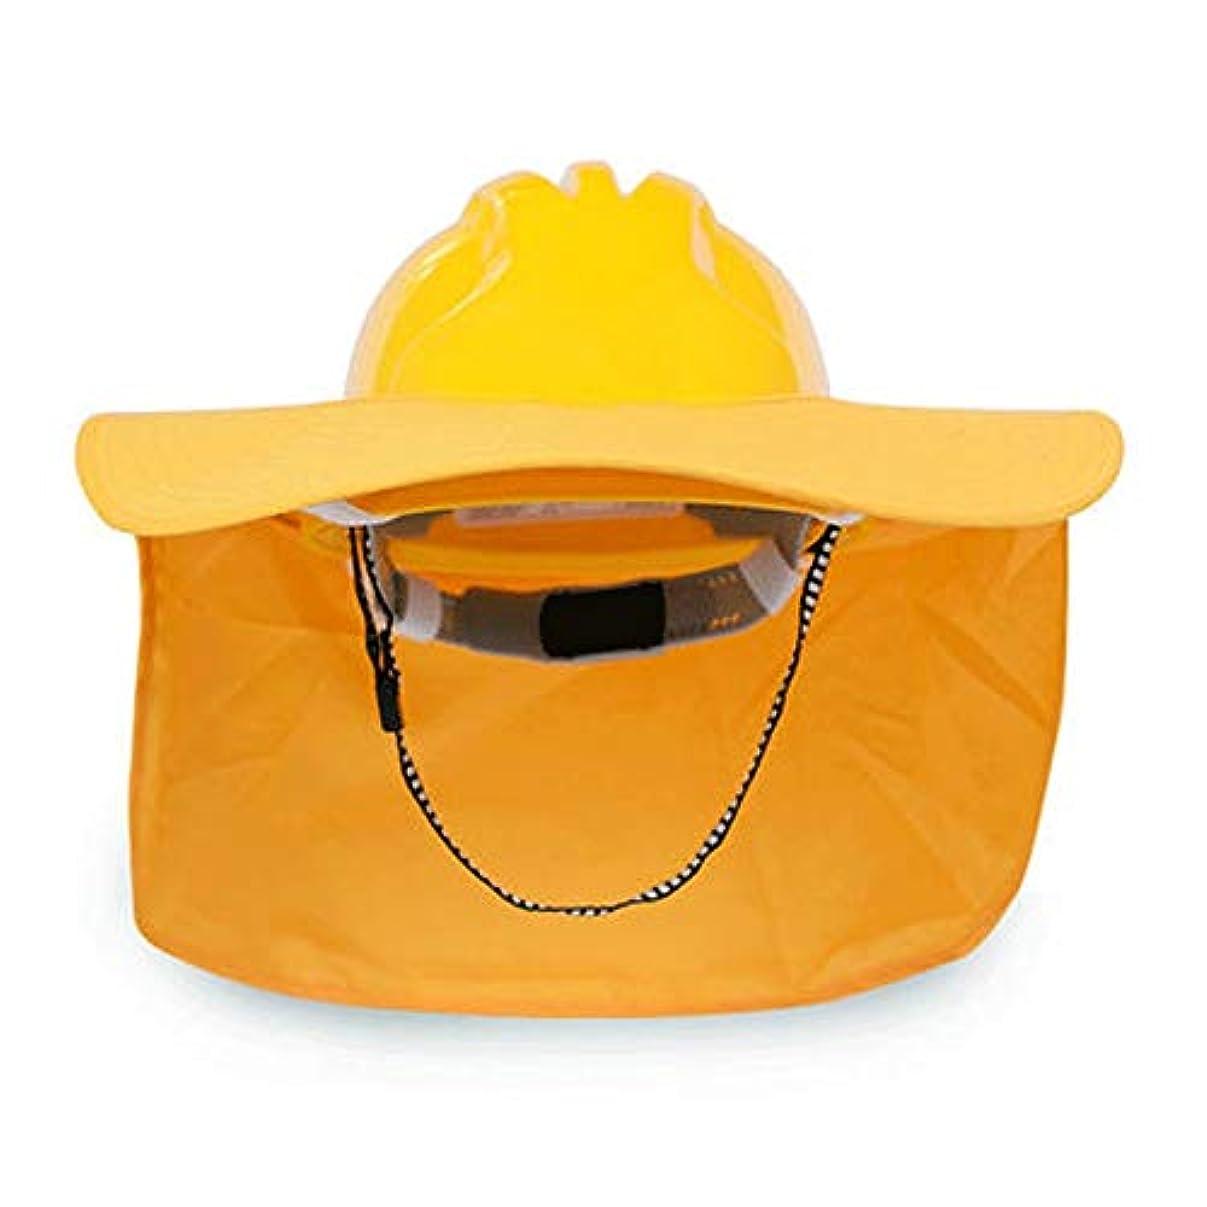 脈拍ベールフルーツ作業用ヘルメット-Hard Hats- サンシェード付き建設ヘルメット - 通気性日焼け止め付き建設安全ヘルメット 夏涼しい贈り物 (Color : A)